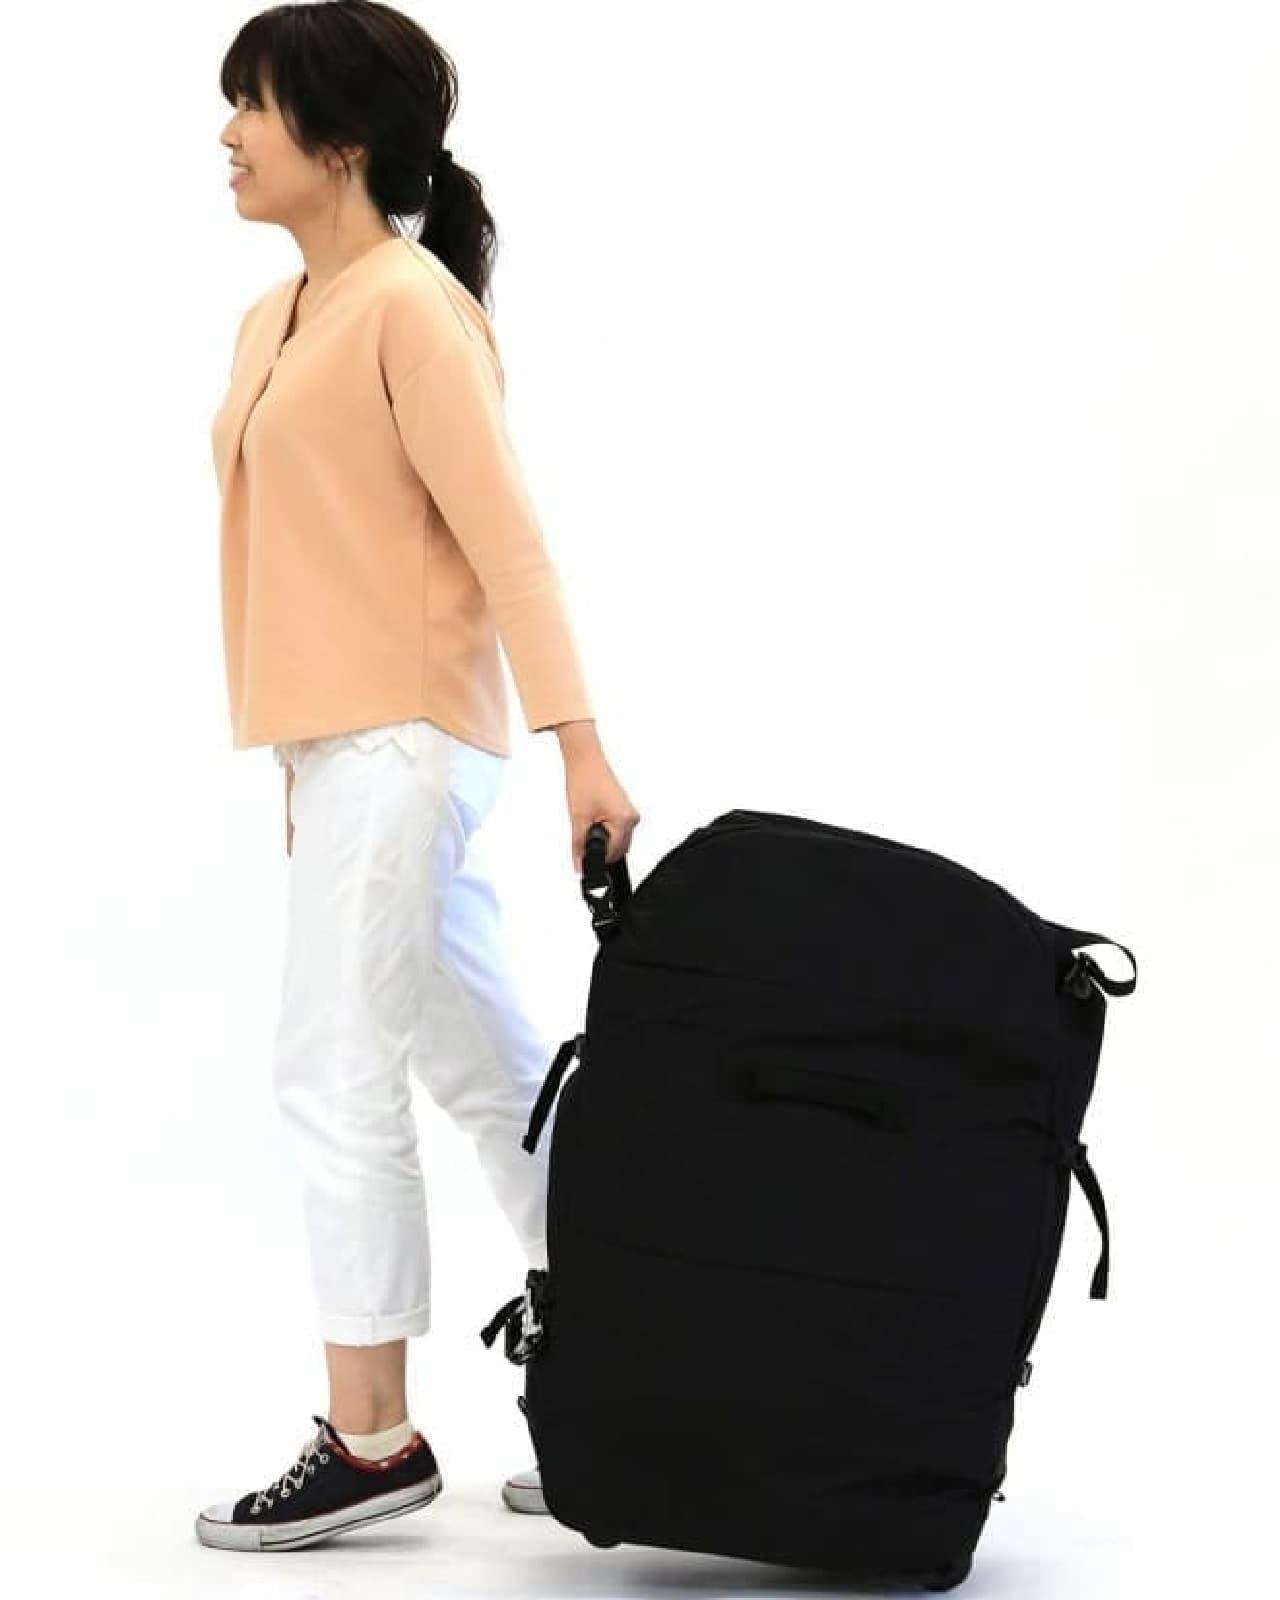 「キャスター付き3WAYバッグ」発売